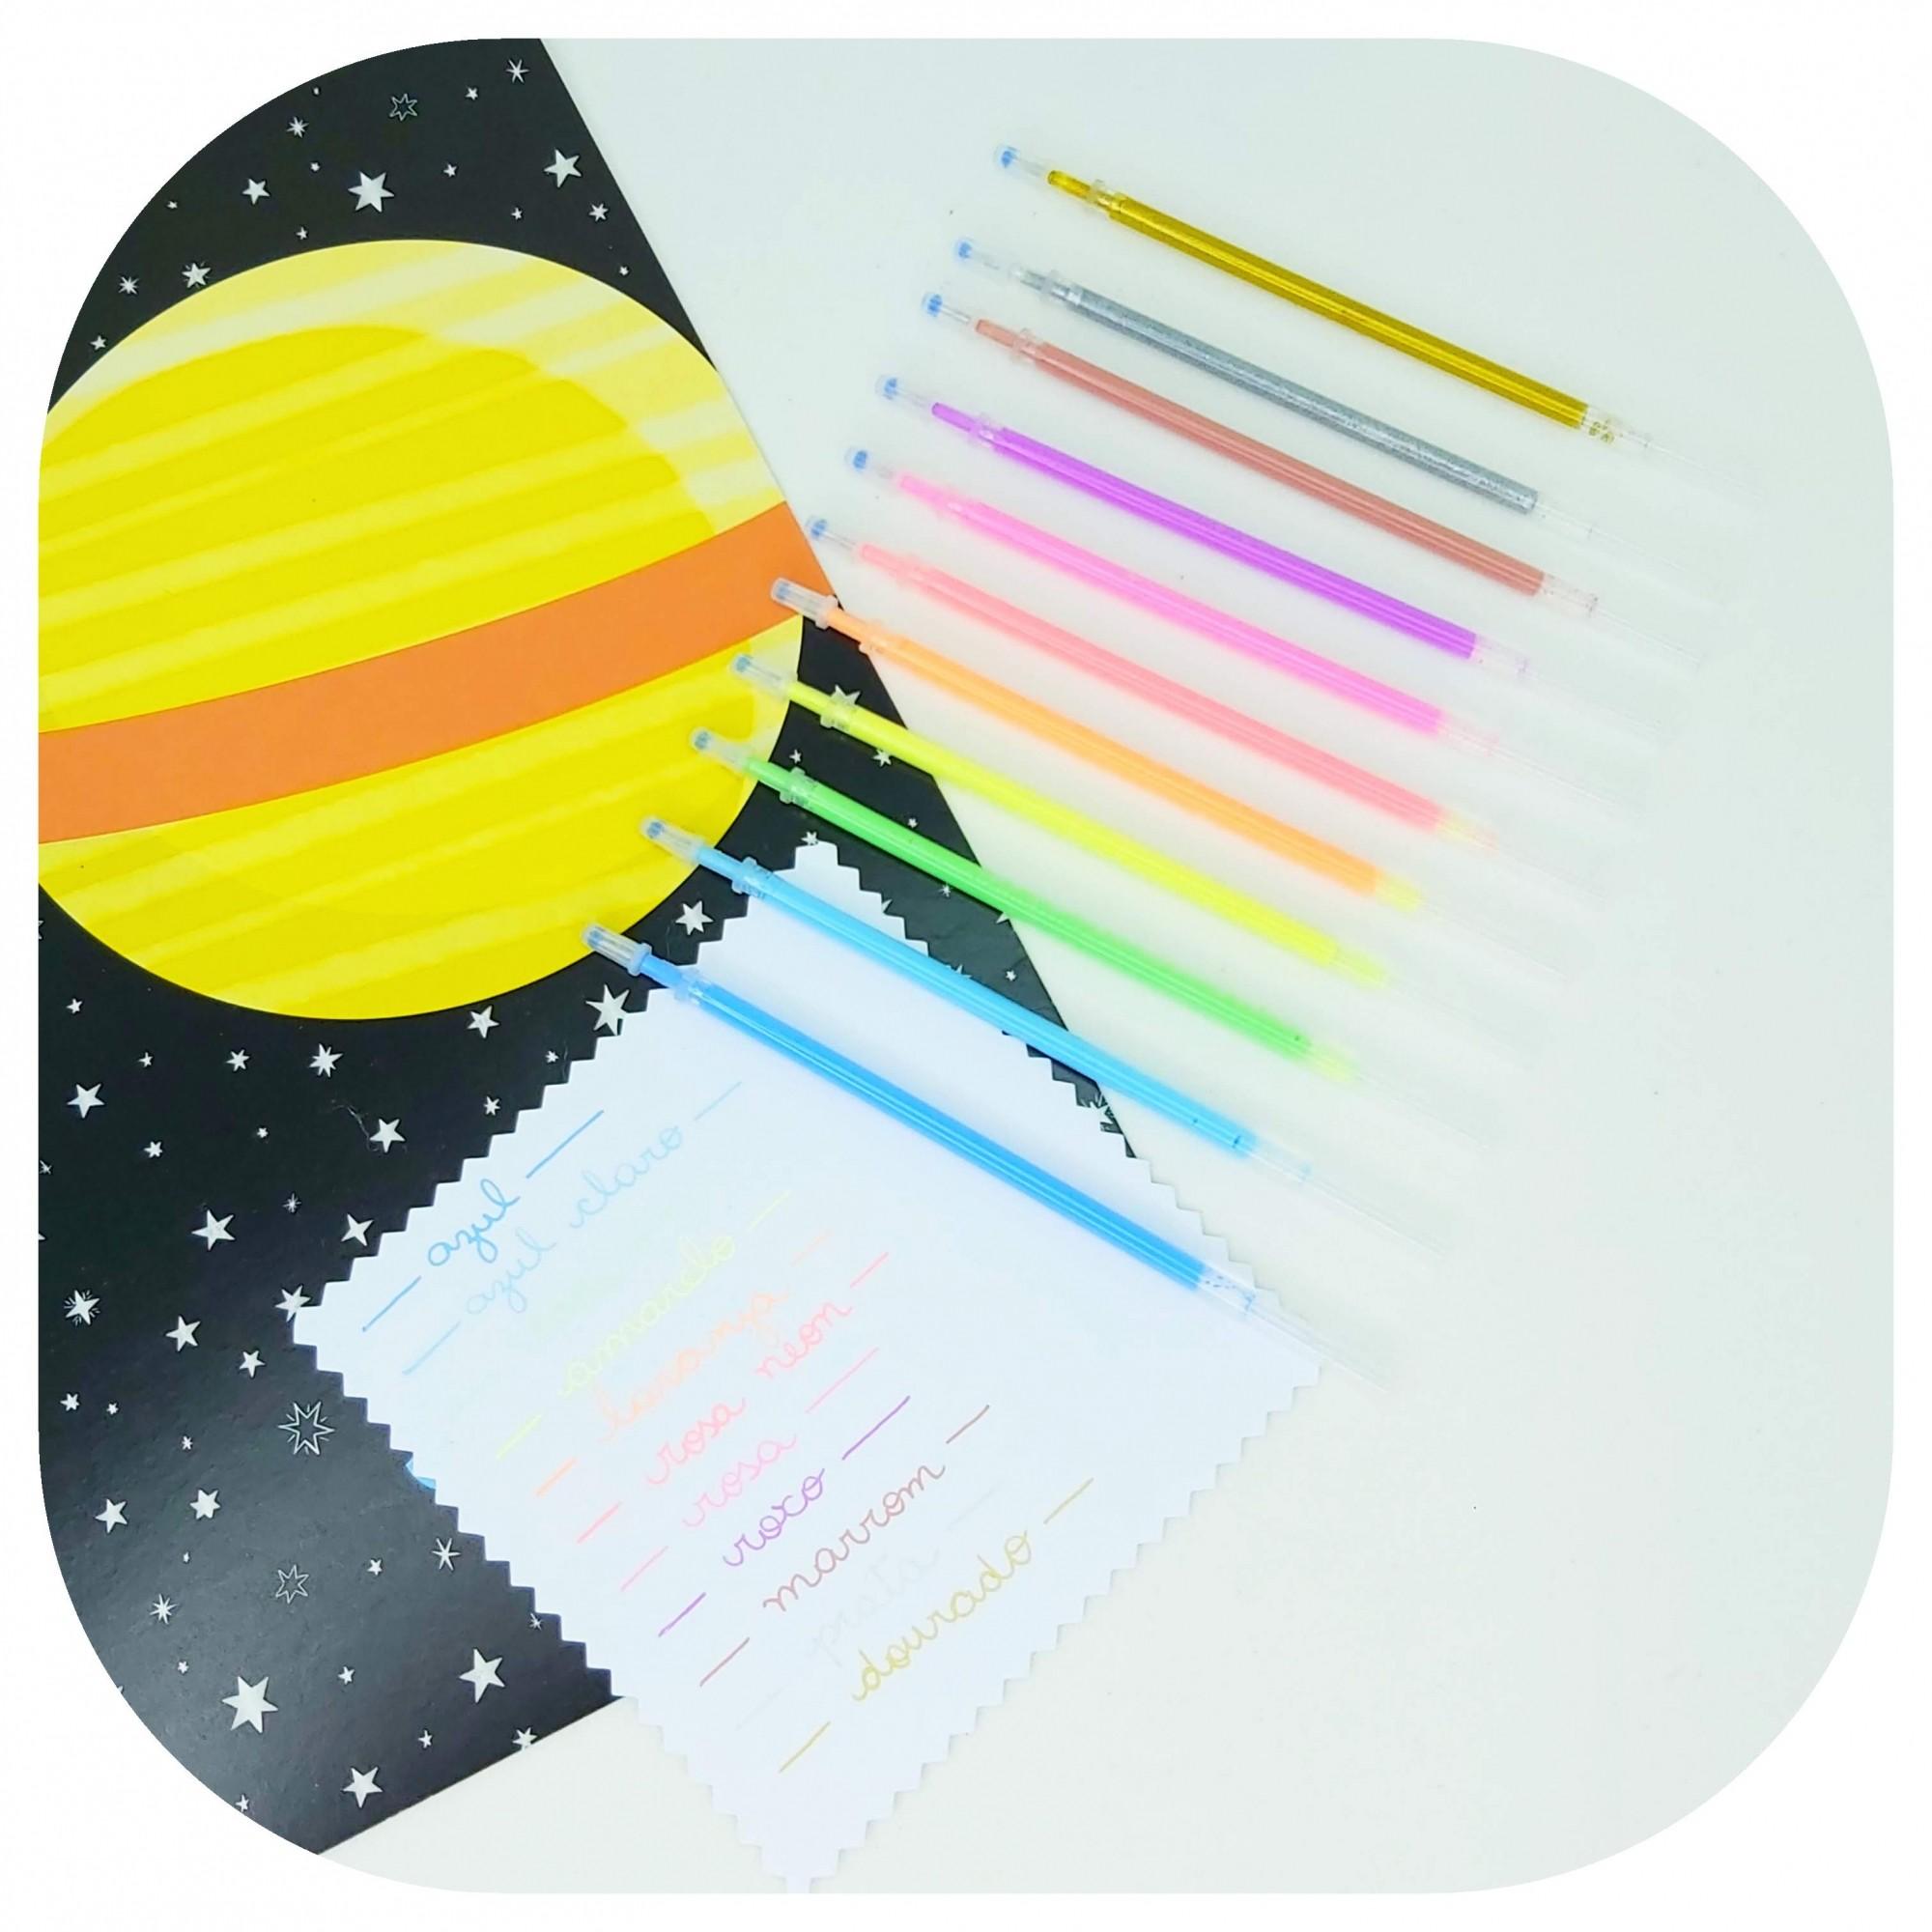 Carga/Refil - Tinta gel colorida - 0,50mm